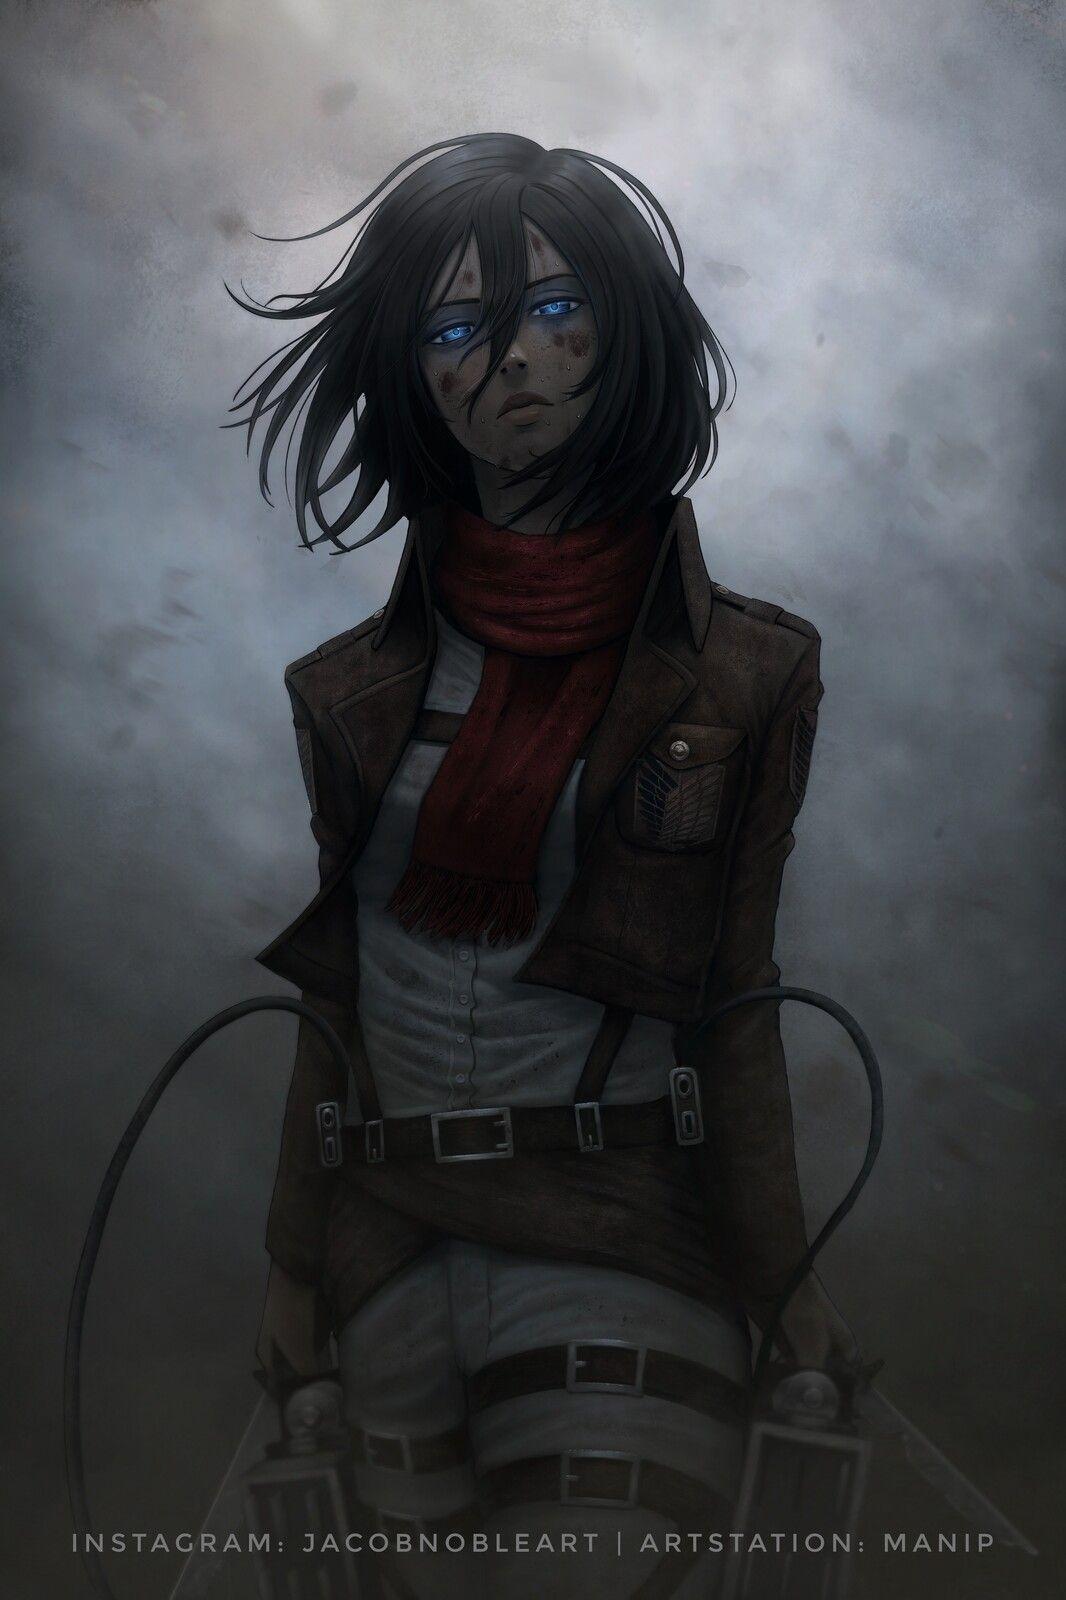 Mikasa, Jacob Noble